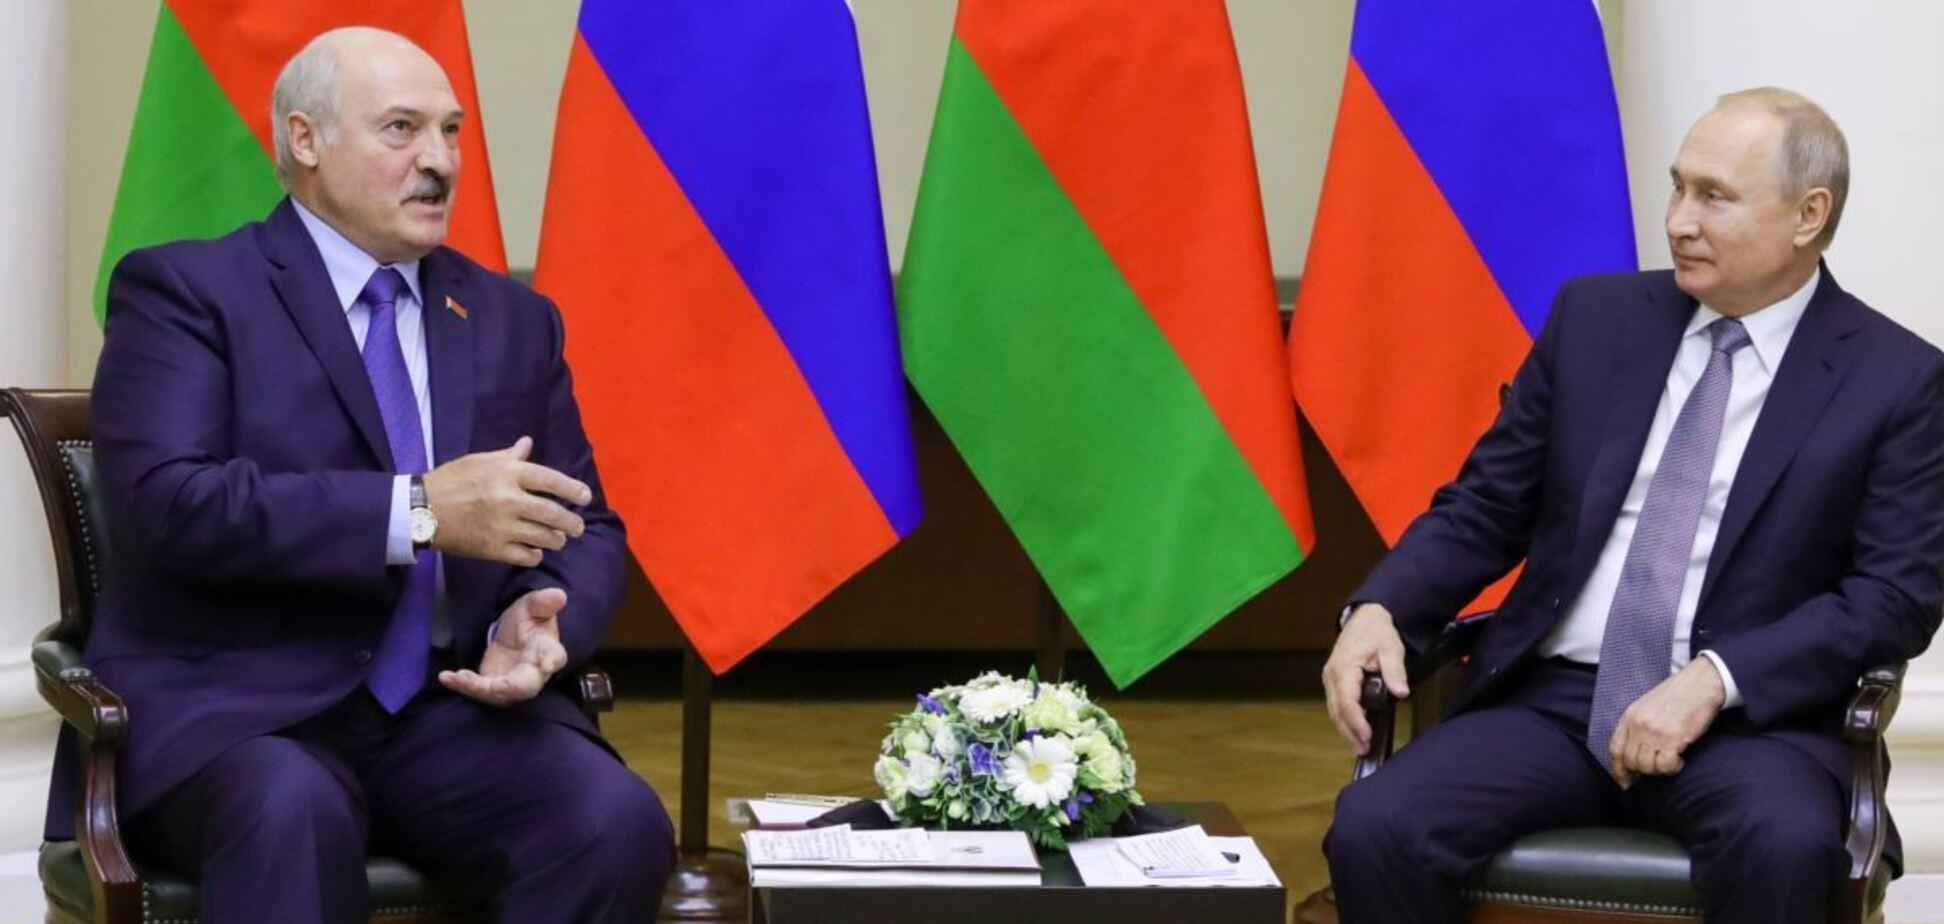 Росія буде змушена вдатися до сили, щоб захистити Білорусь